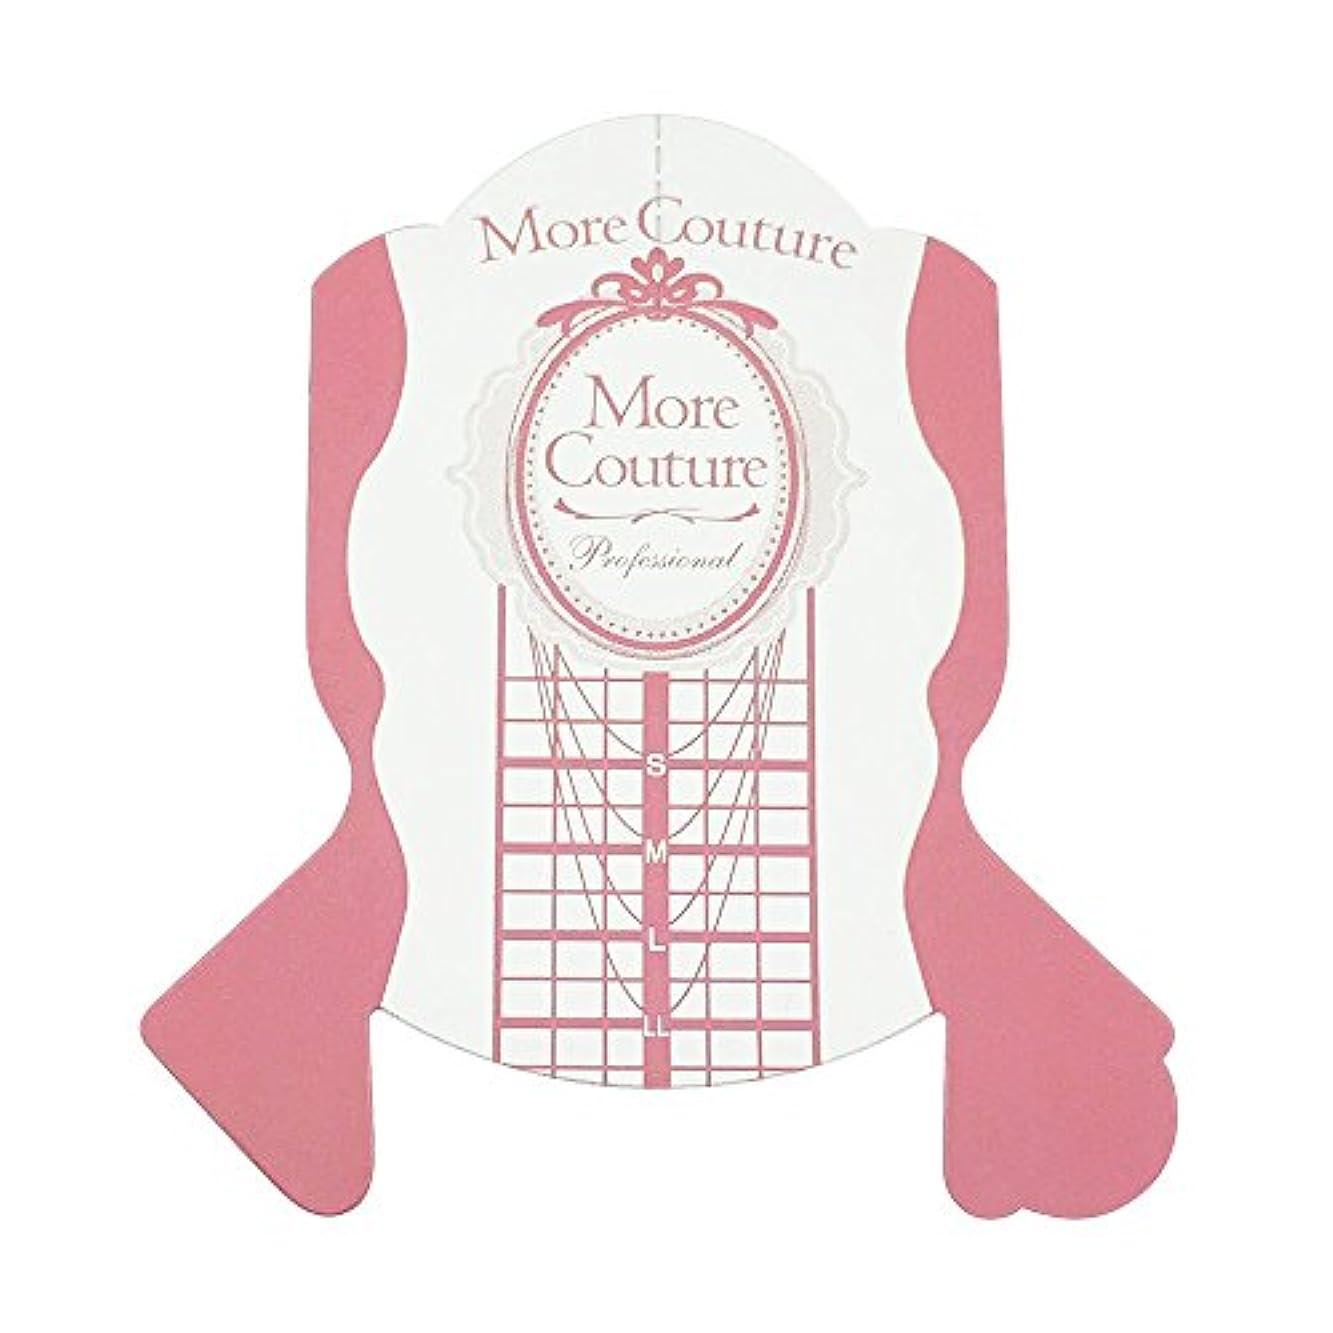 キノコ集める本会議More Couture p ピンクフォーム 100枚 ネイルフォーム